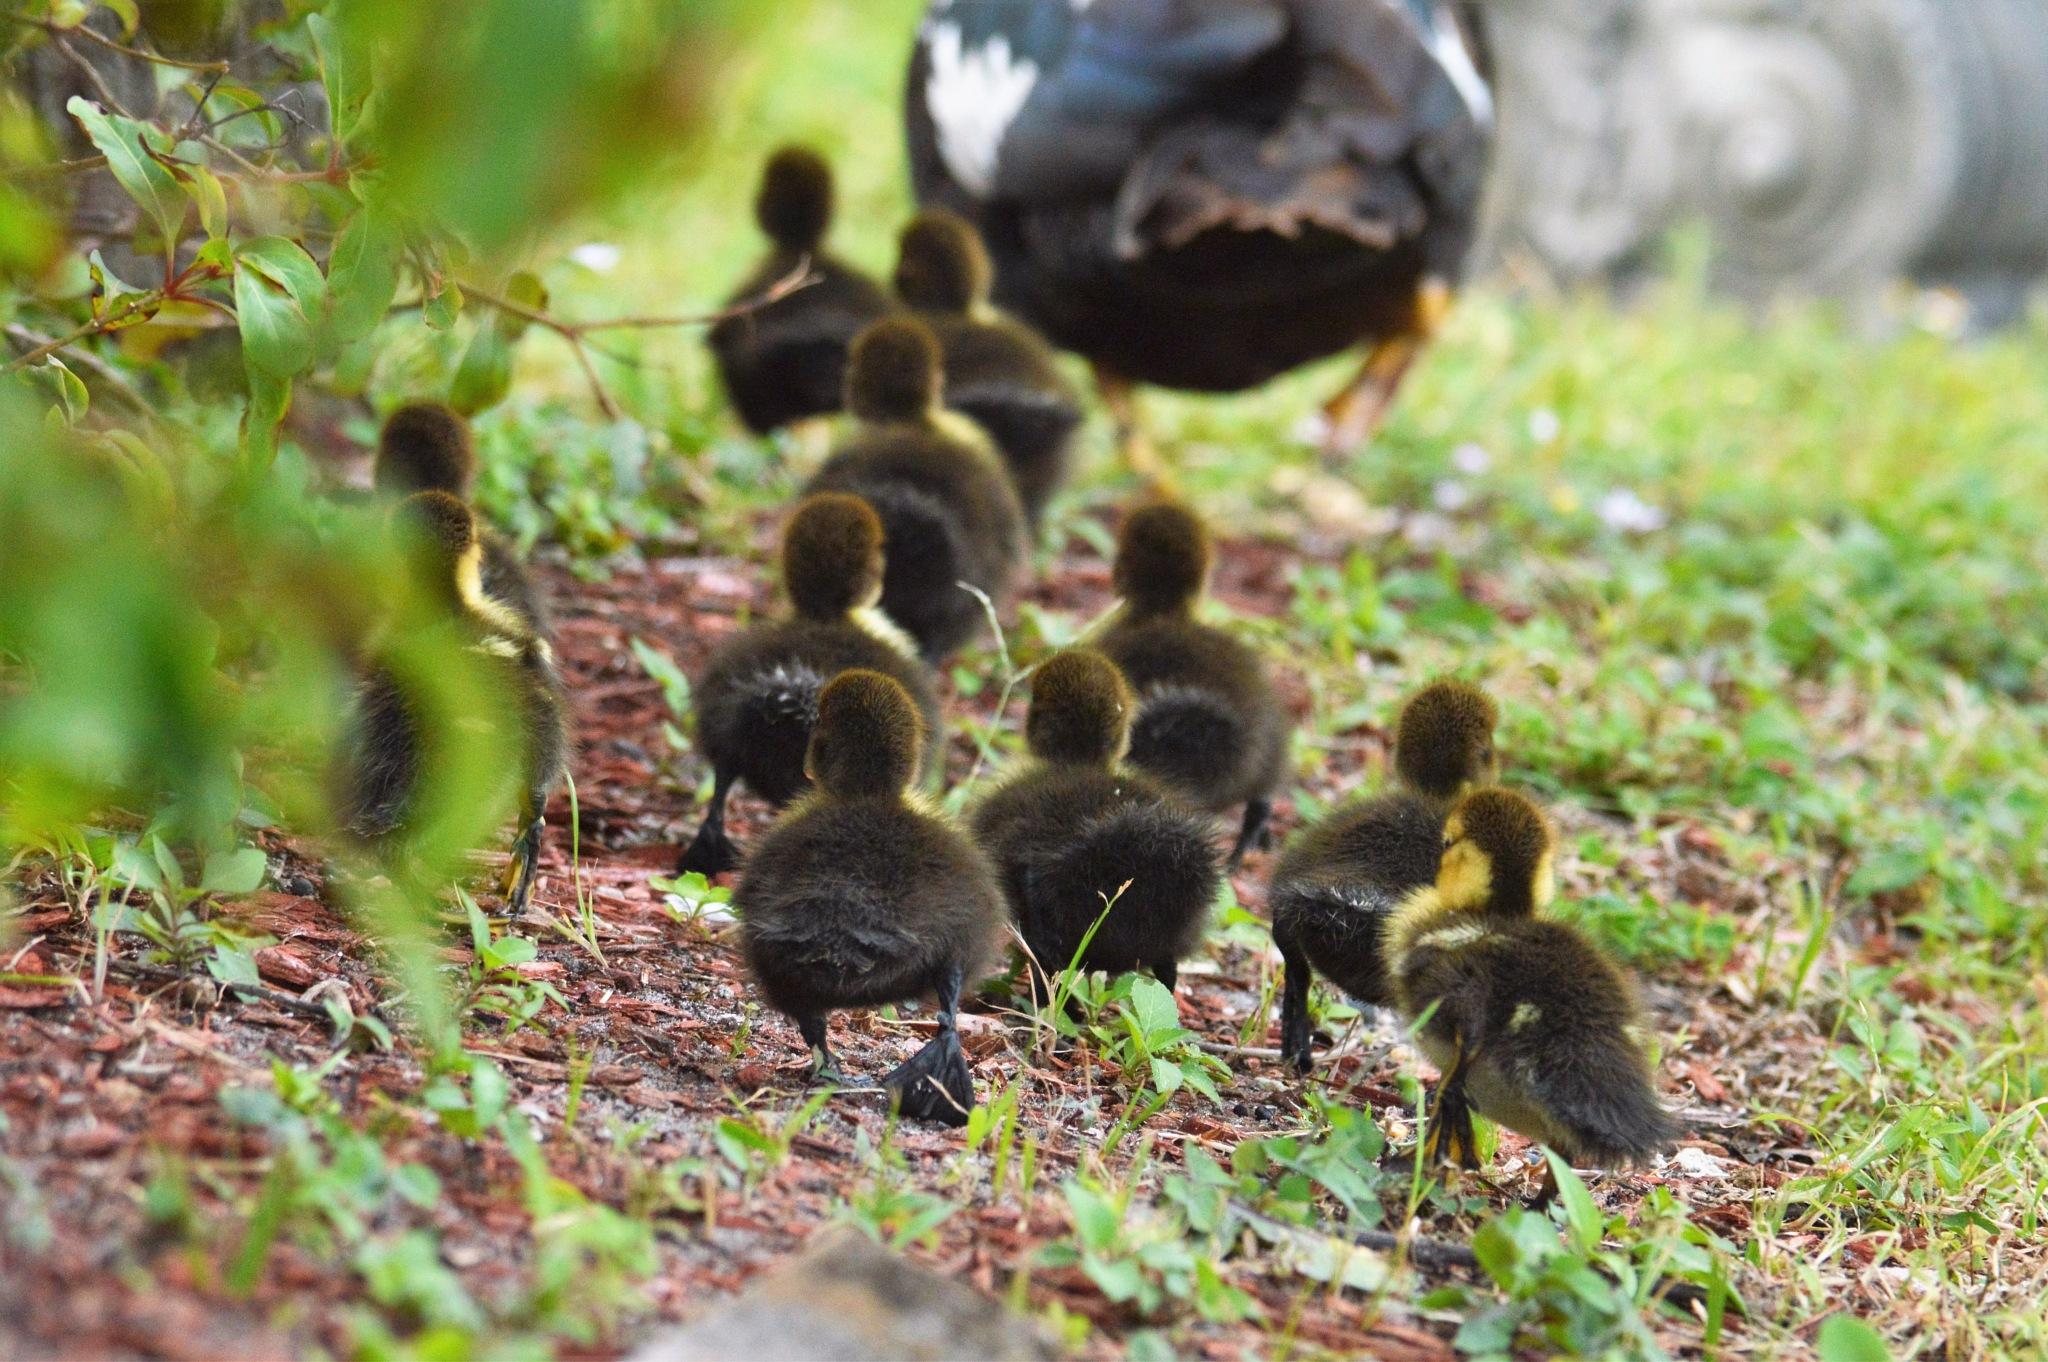 Follow along little ones by LydiaJeanMay